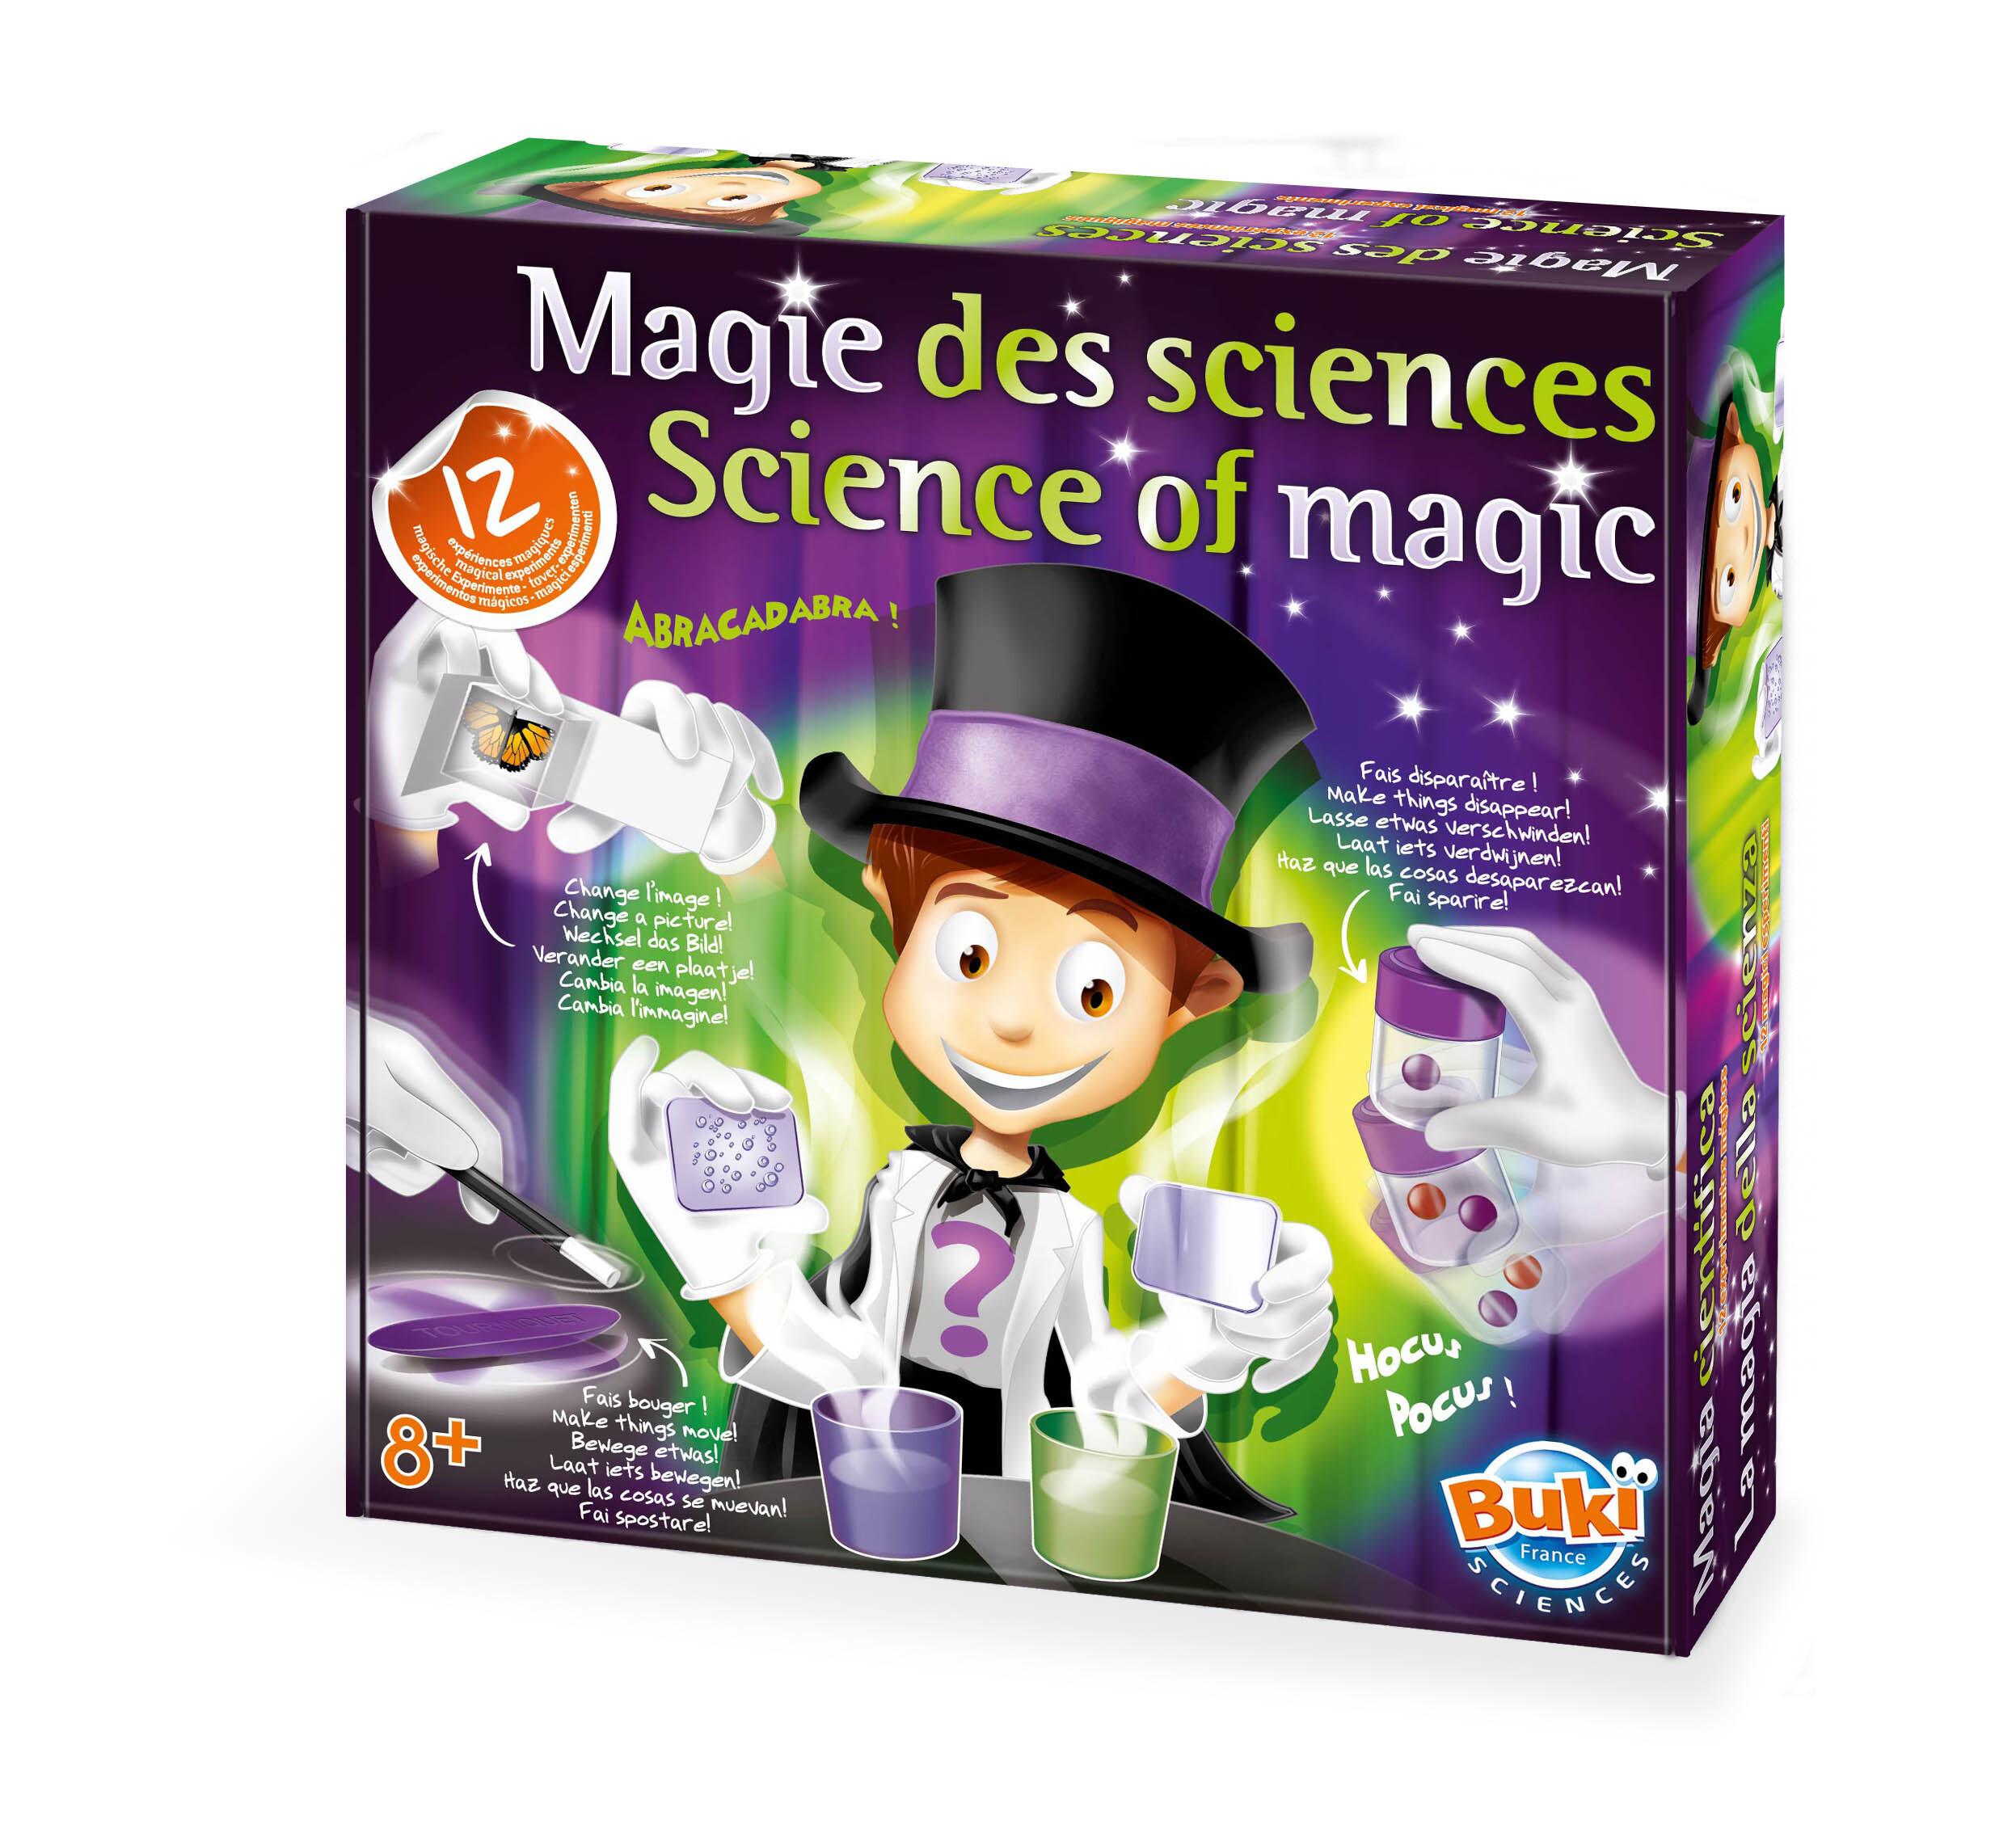 Magie des sciences - Buki